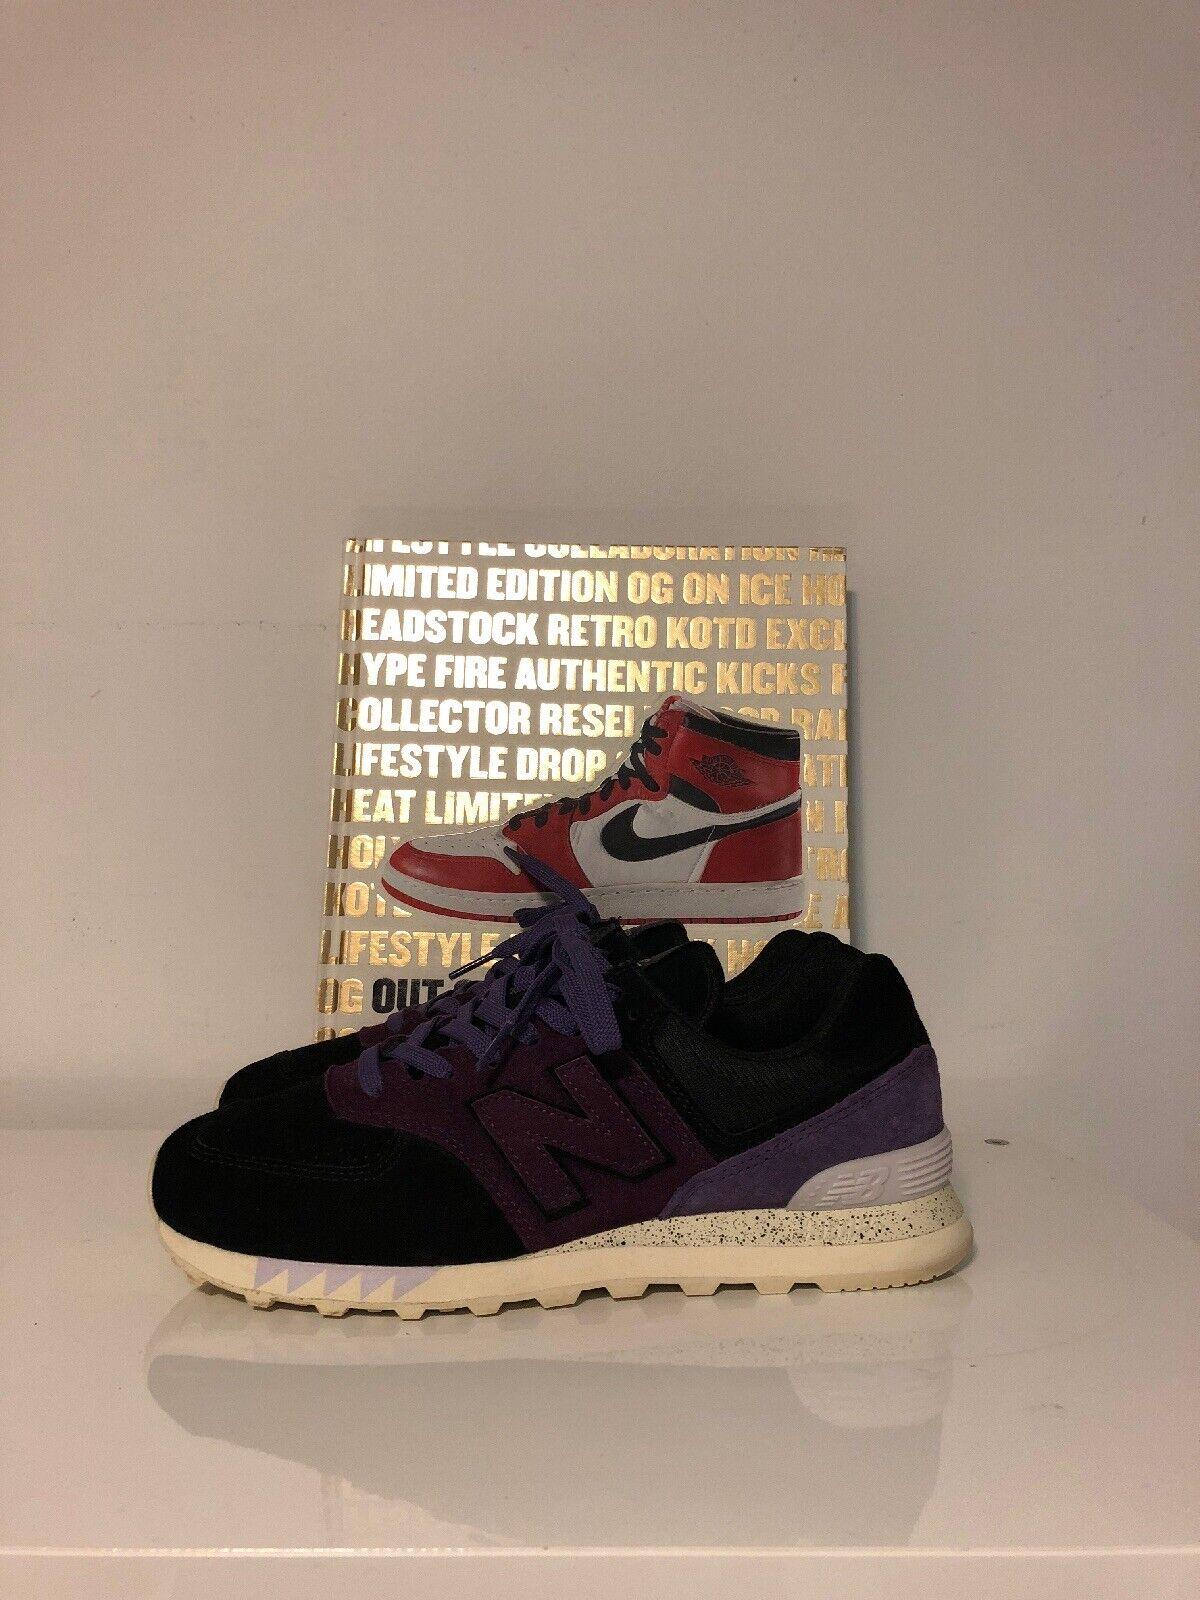 New balance 574 Zapatillas glorioso Tassie Diablo Sz 9 Us Púrpura Negro